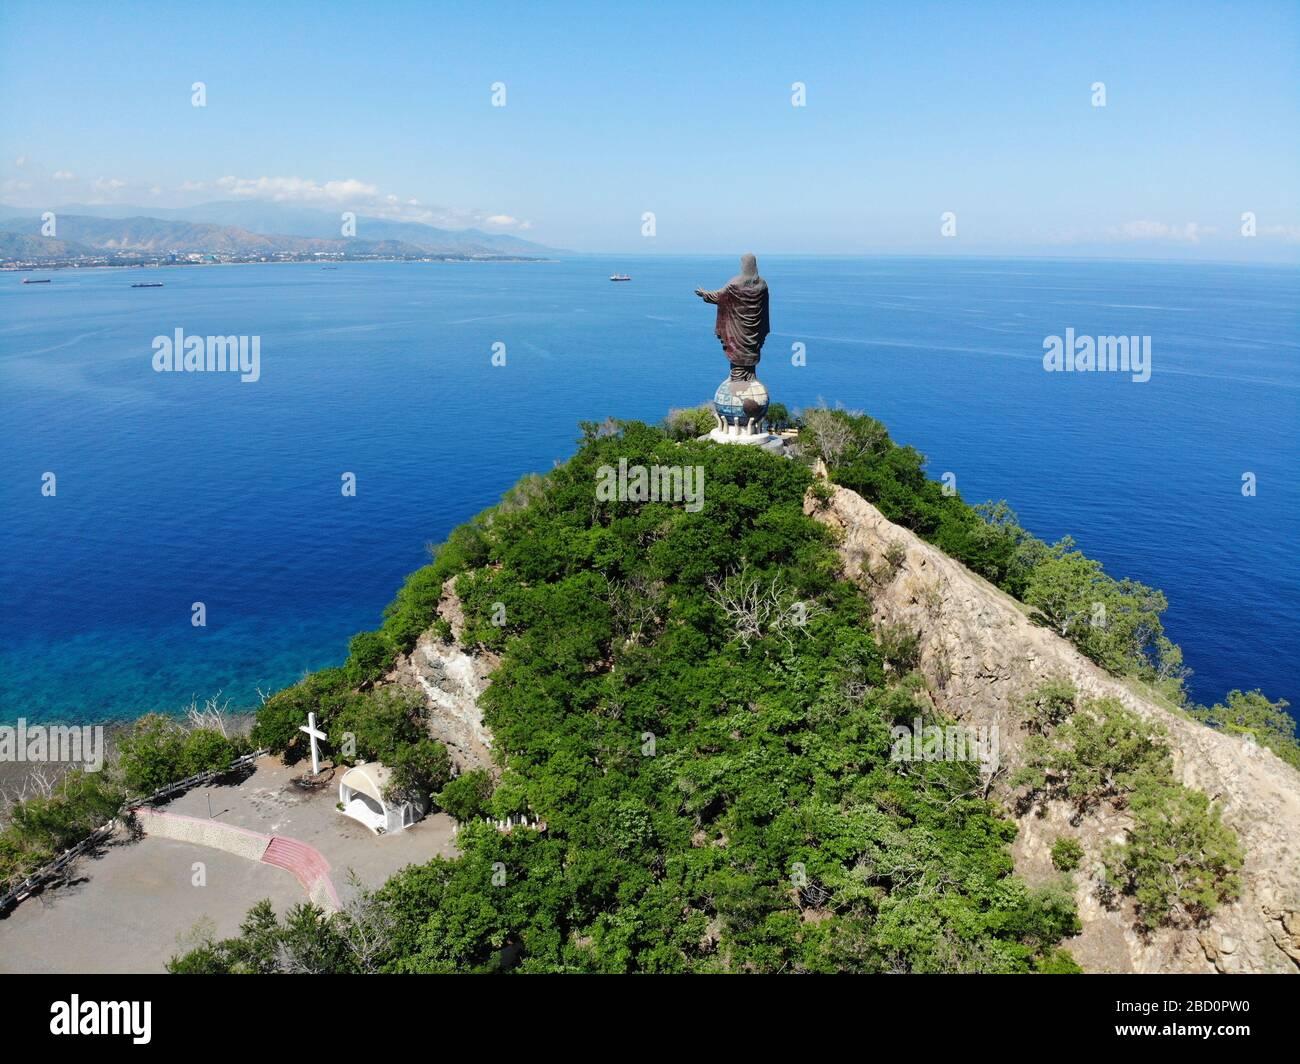 Statue de Jésus à Dili, Timor oriental, deuxième plus grand au monde Banque D'Images